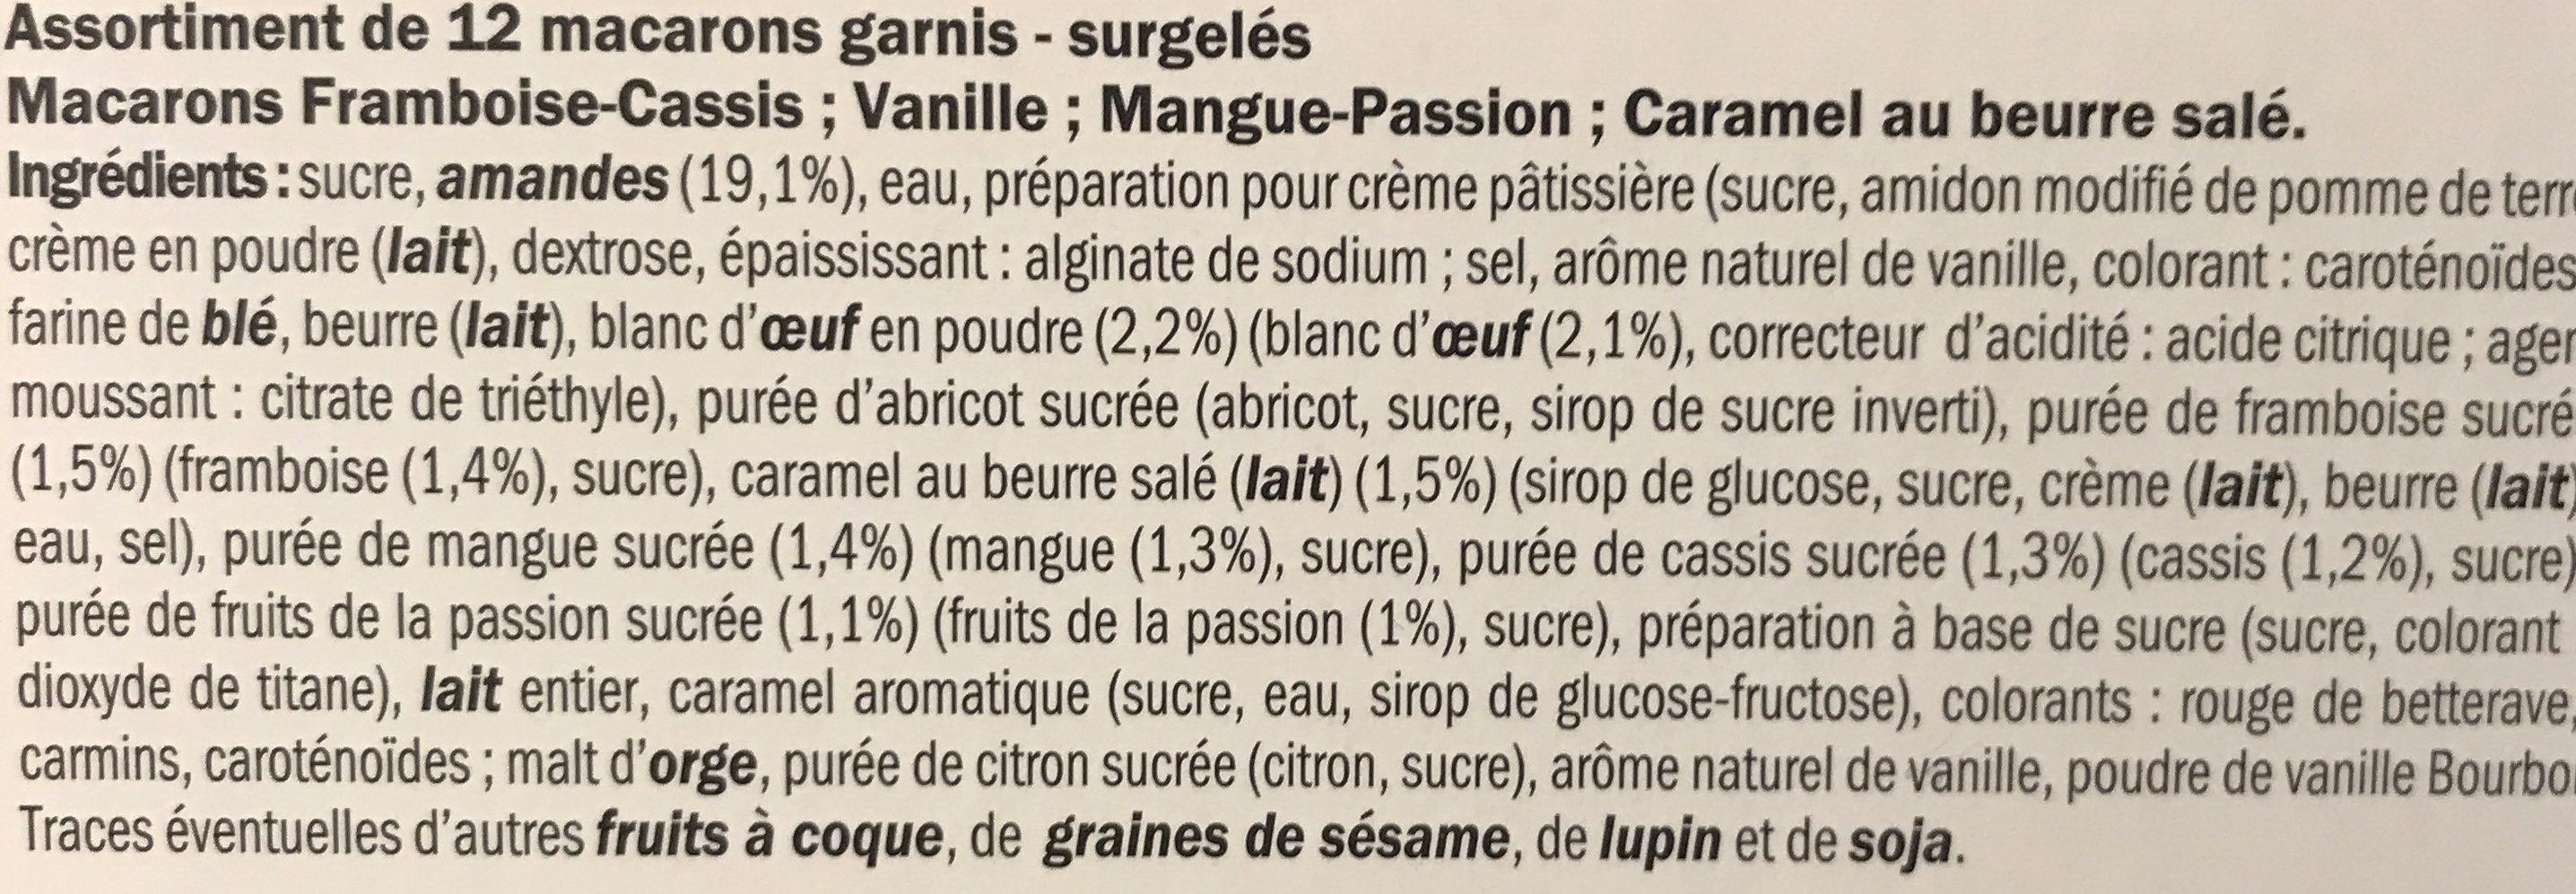 12 Macarons - Ingredients